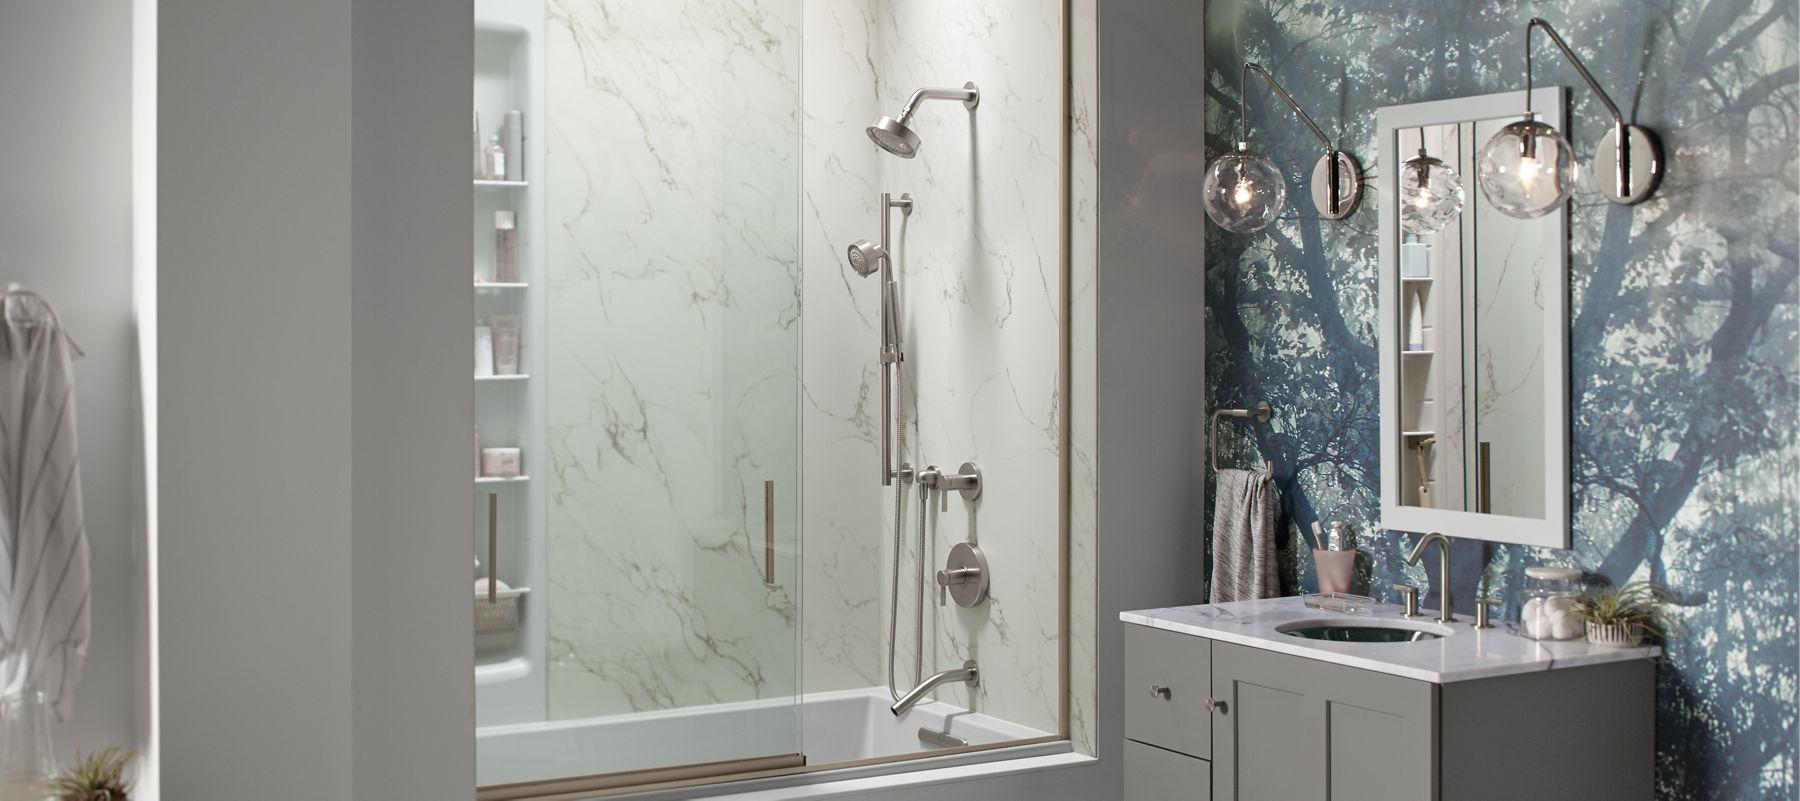 kohler bathroom design service kohler kohler bathroom ideas kohler master bathroom designs